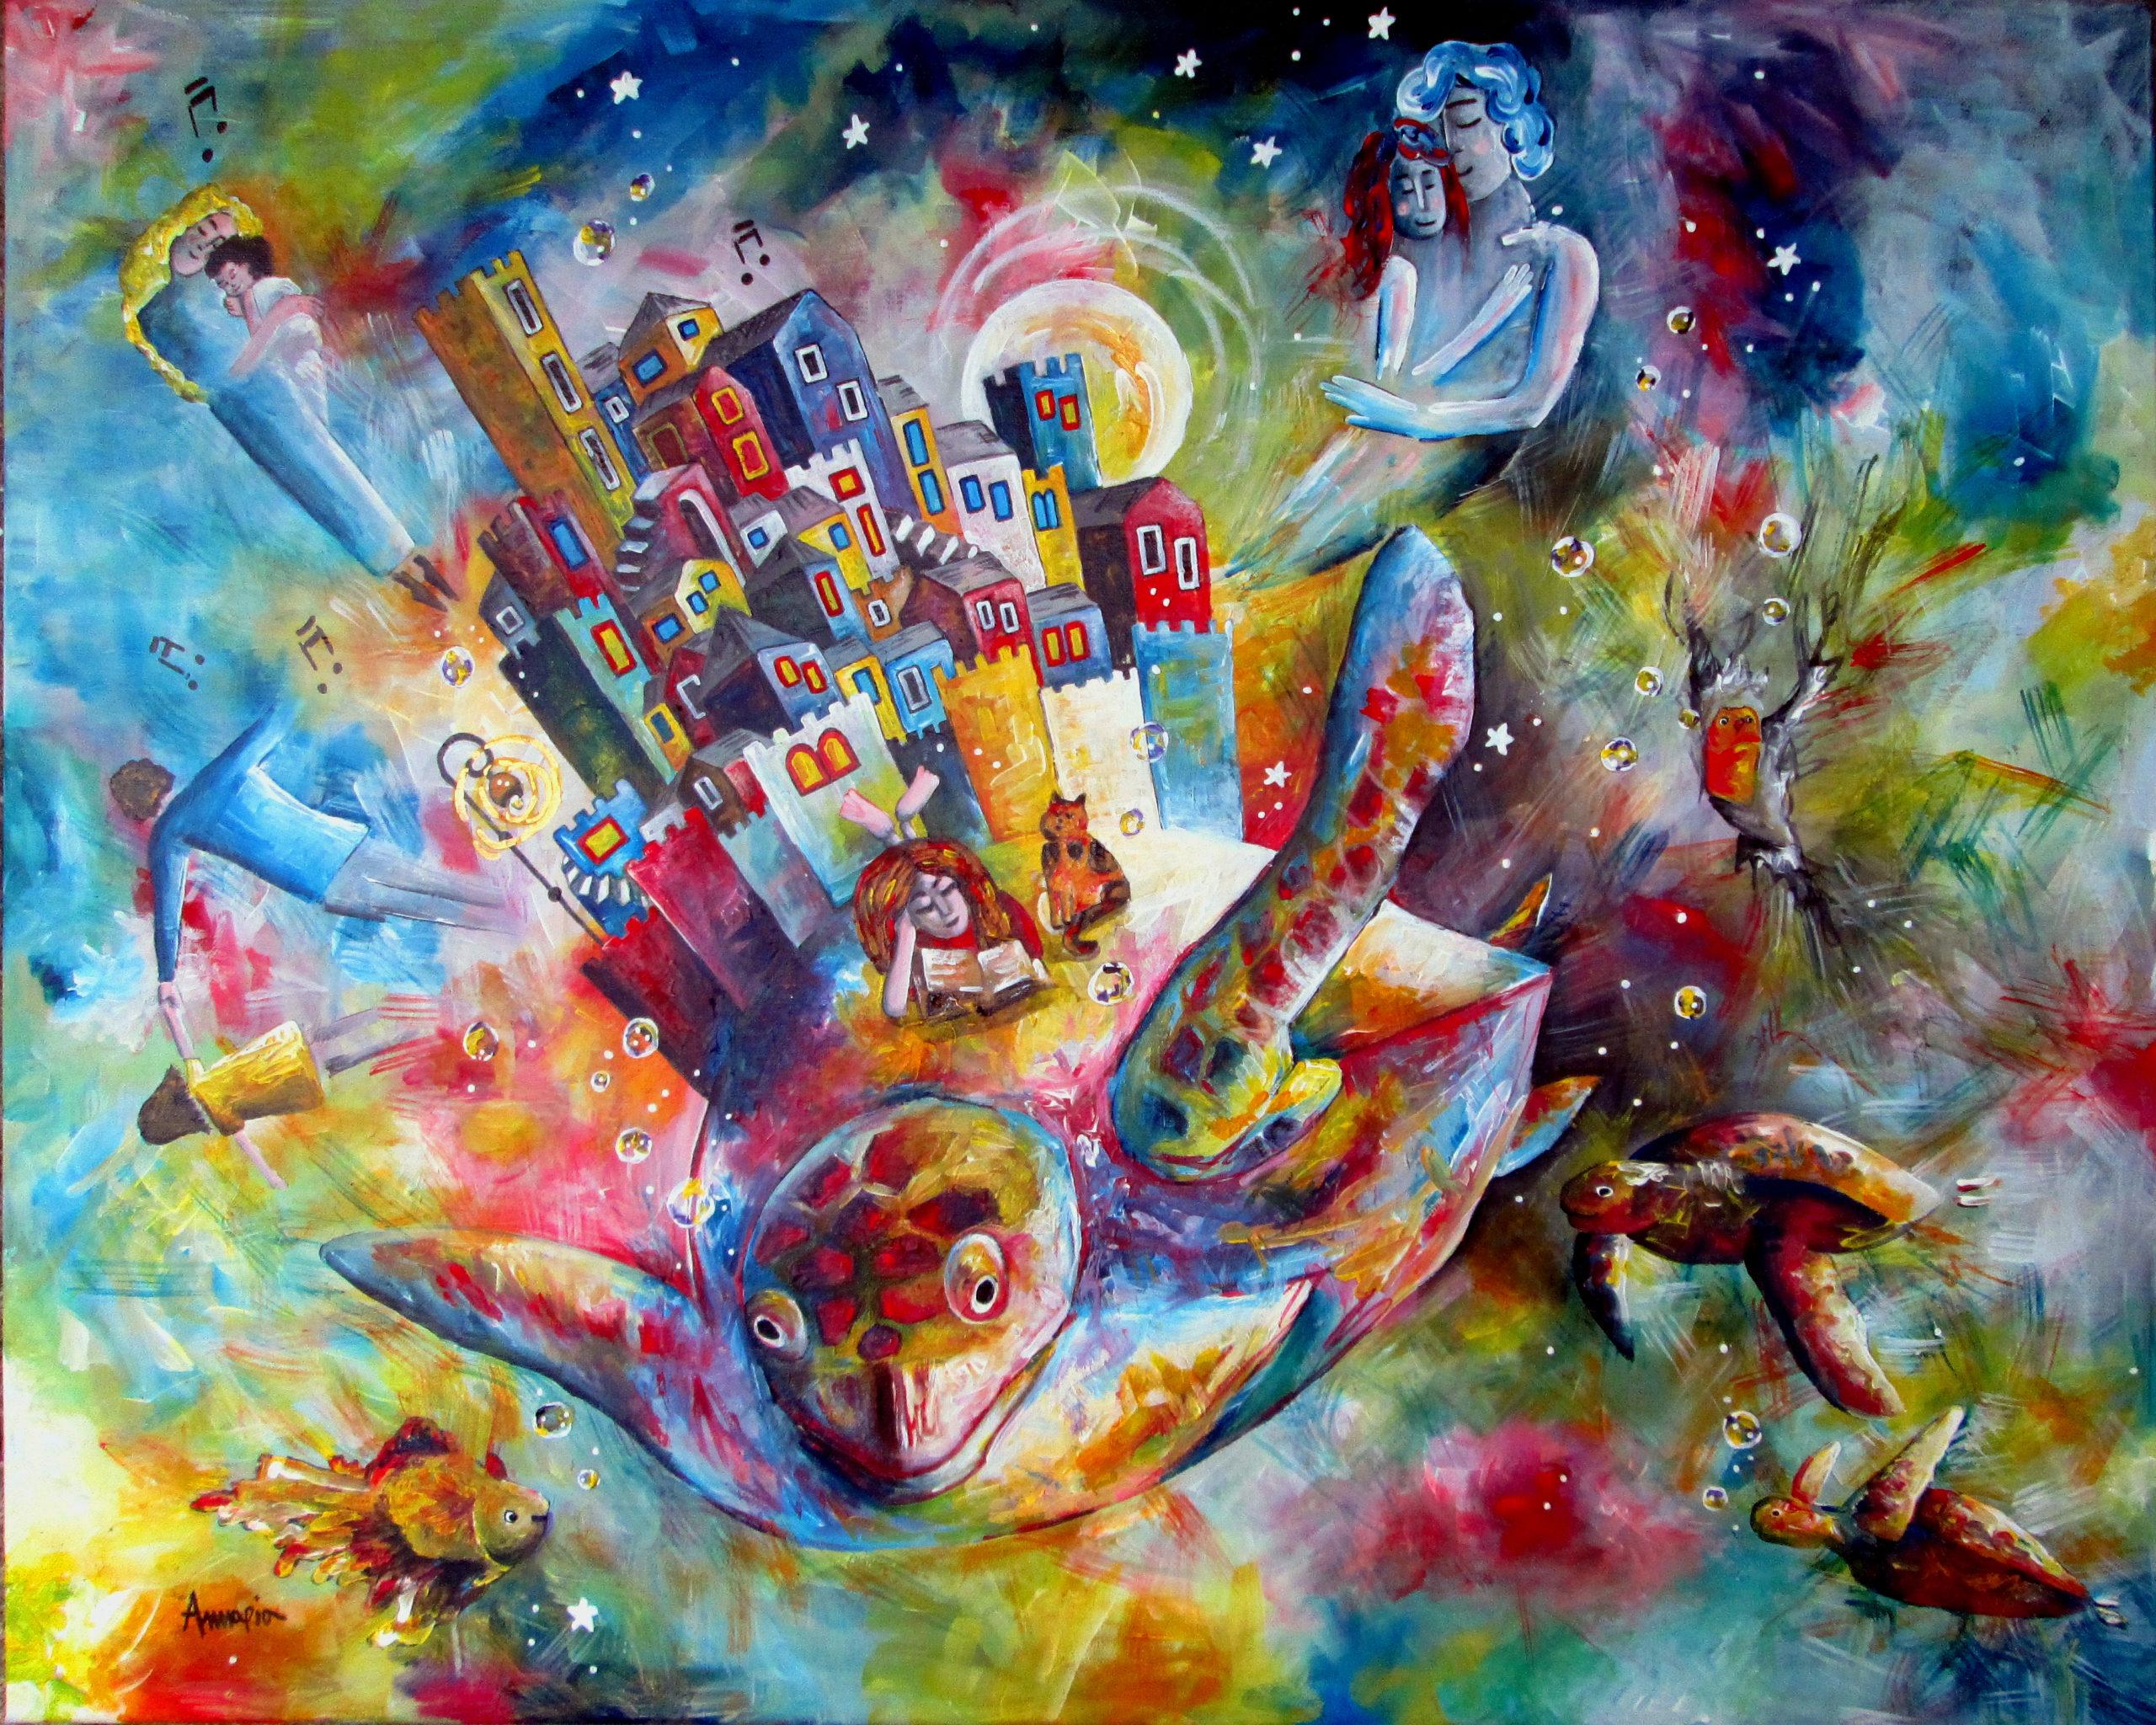 tableau surréaliste onirique poétique Chagall